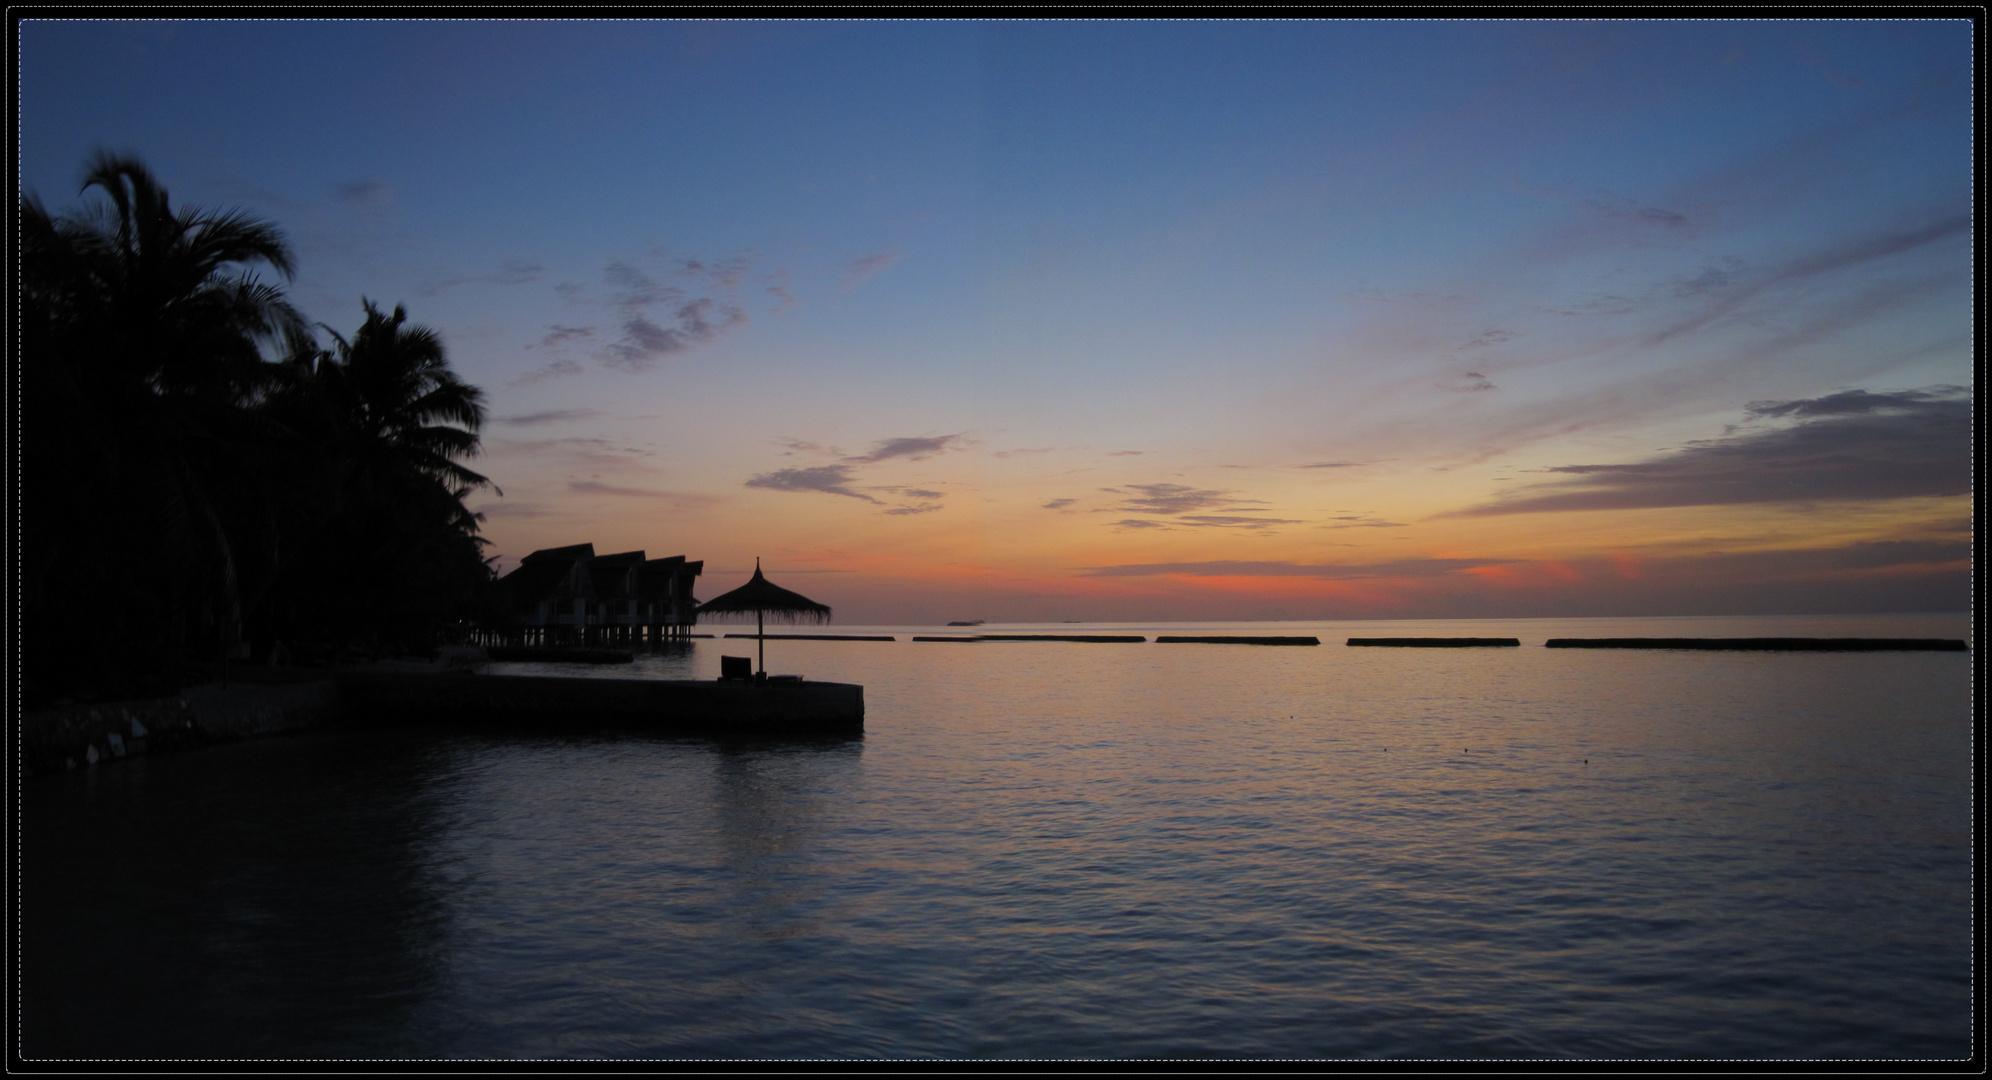 Sunset Ellaidhoo